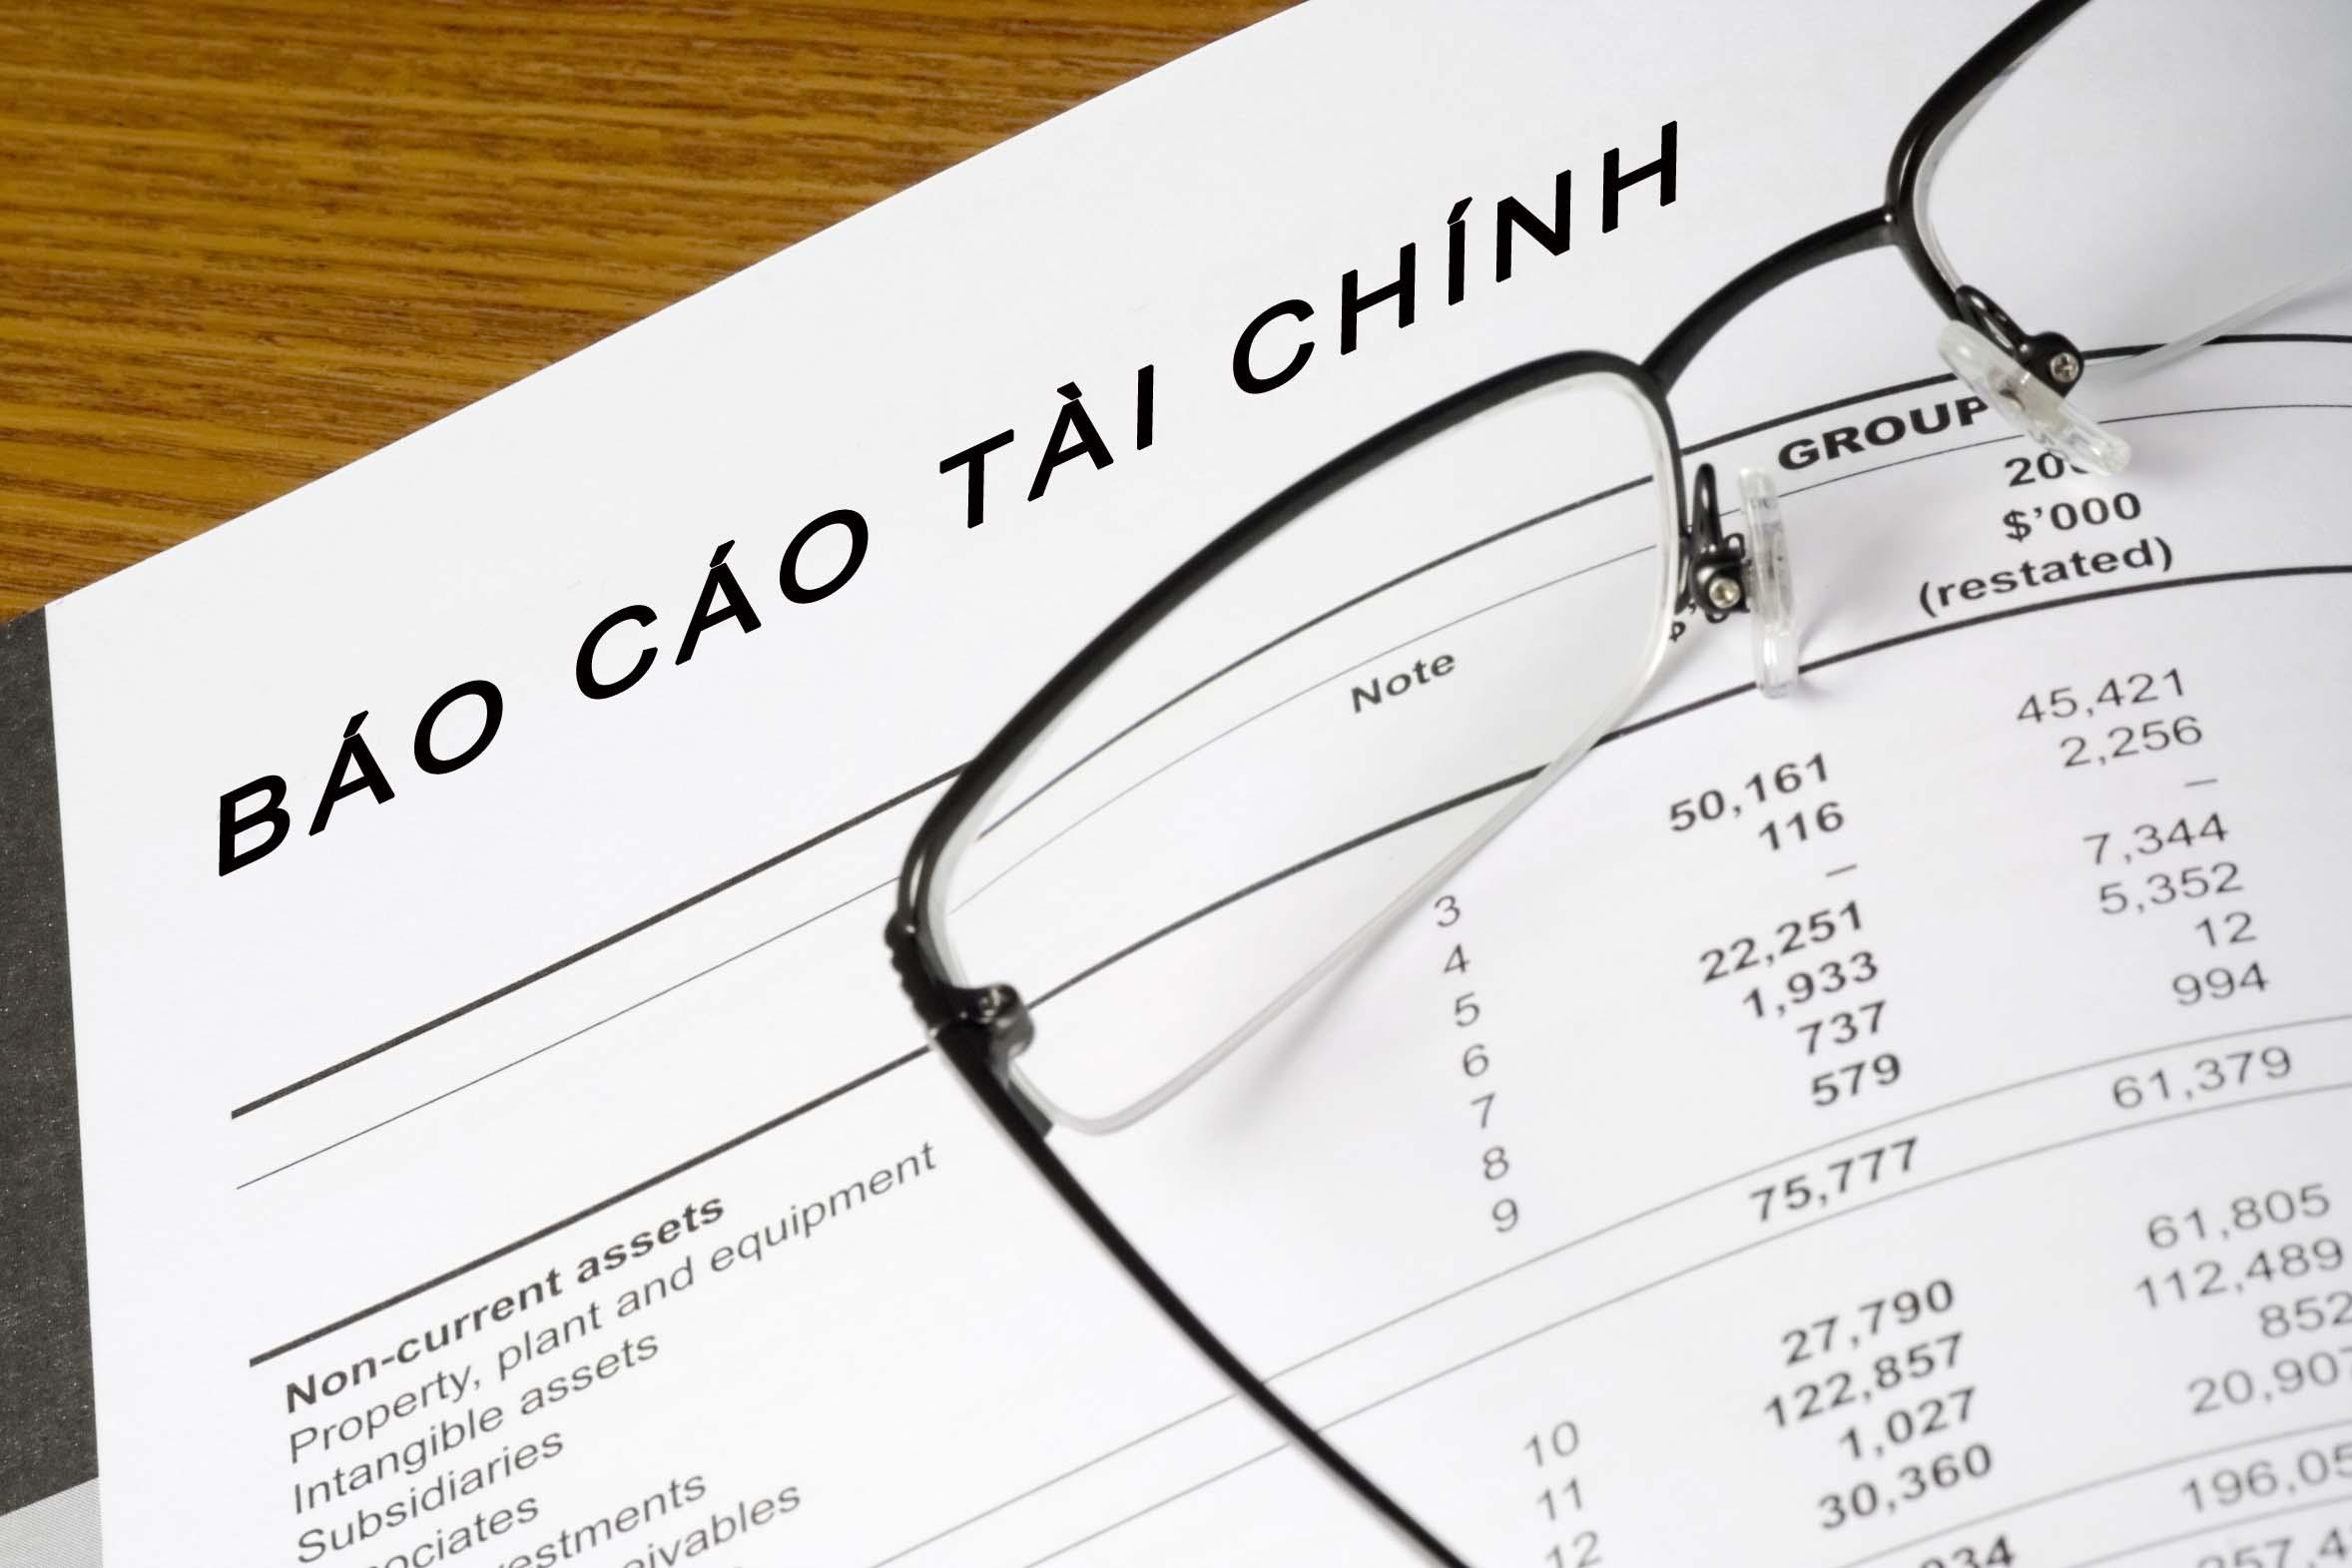 Báo cáo tài chính của doanh nghiệp được dùng để làm gì?